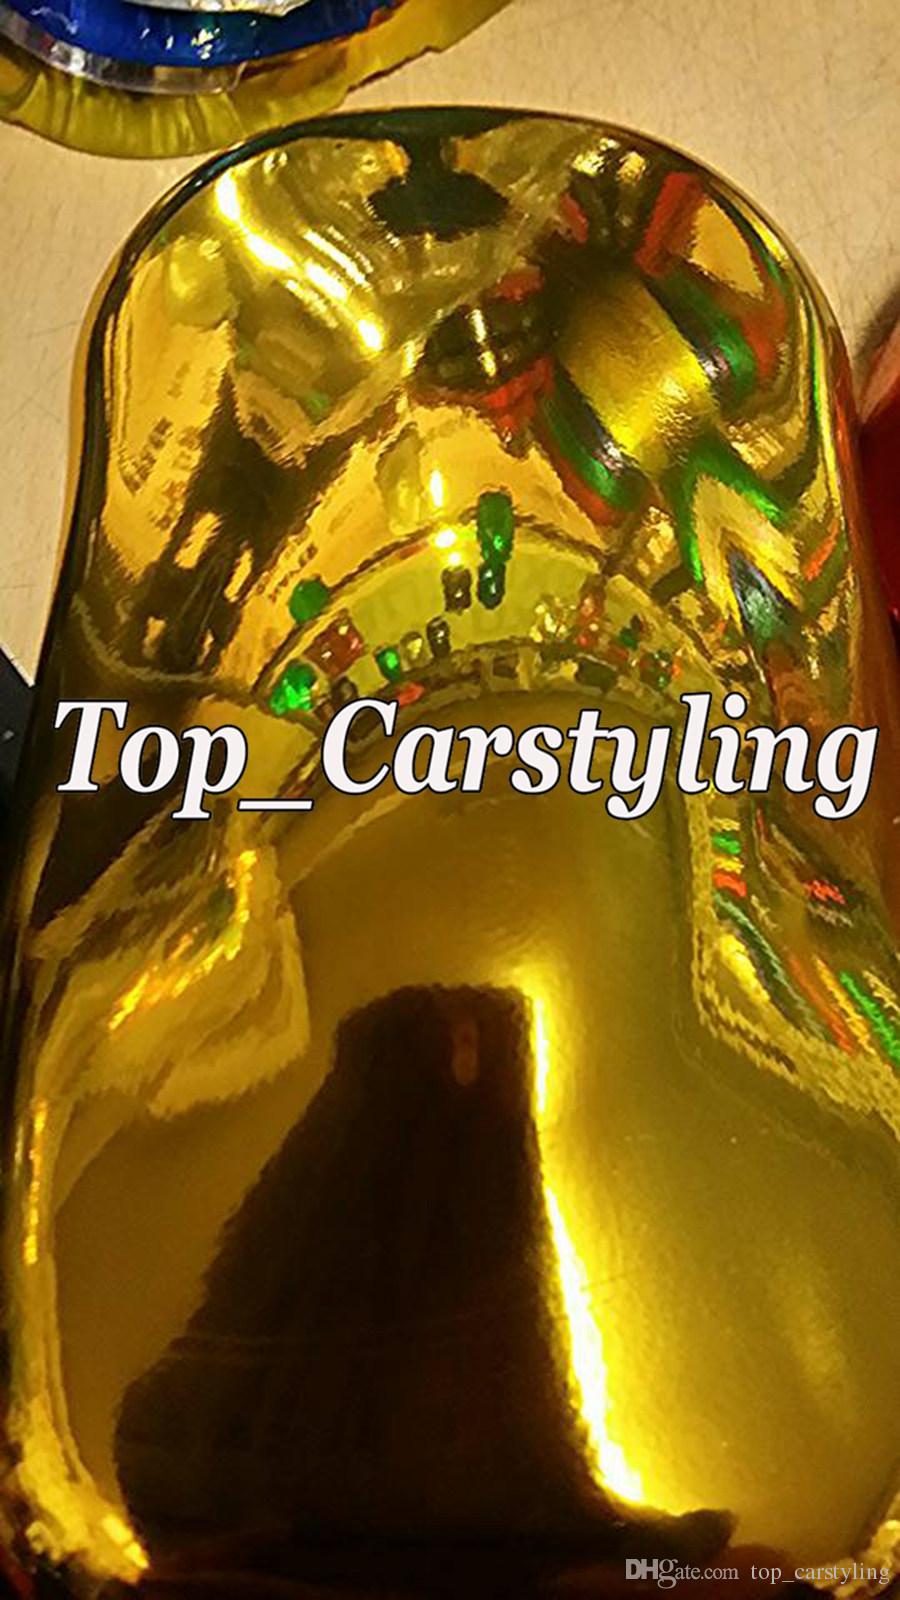 La mejor calidad estira la película del abrigo del vinilo del espejo del cromo del oro para el estilo del coche burbuja del aire Tamaño libre: 1.52 * 20M / Roll 5ft x 65ft